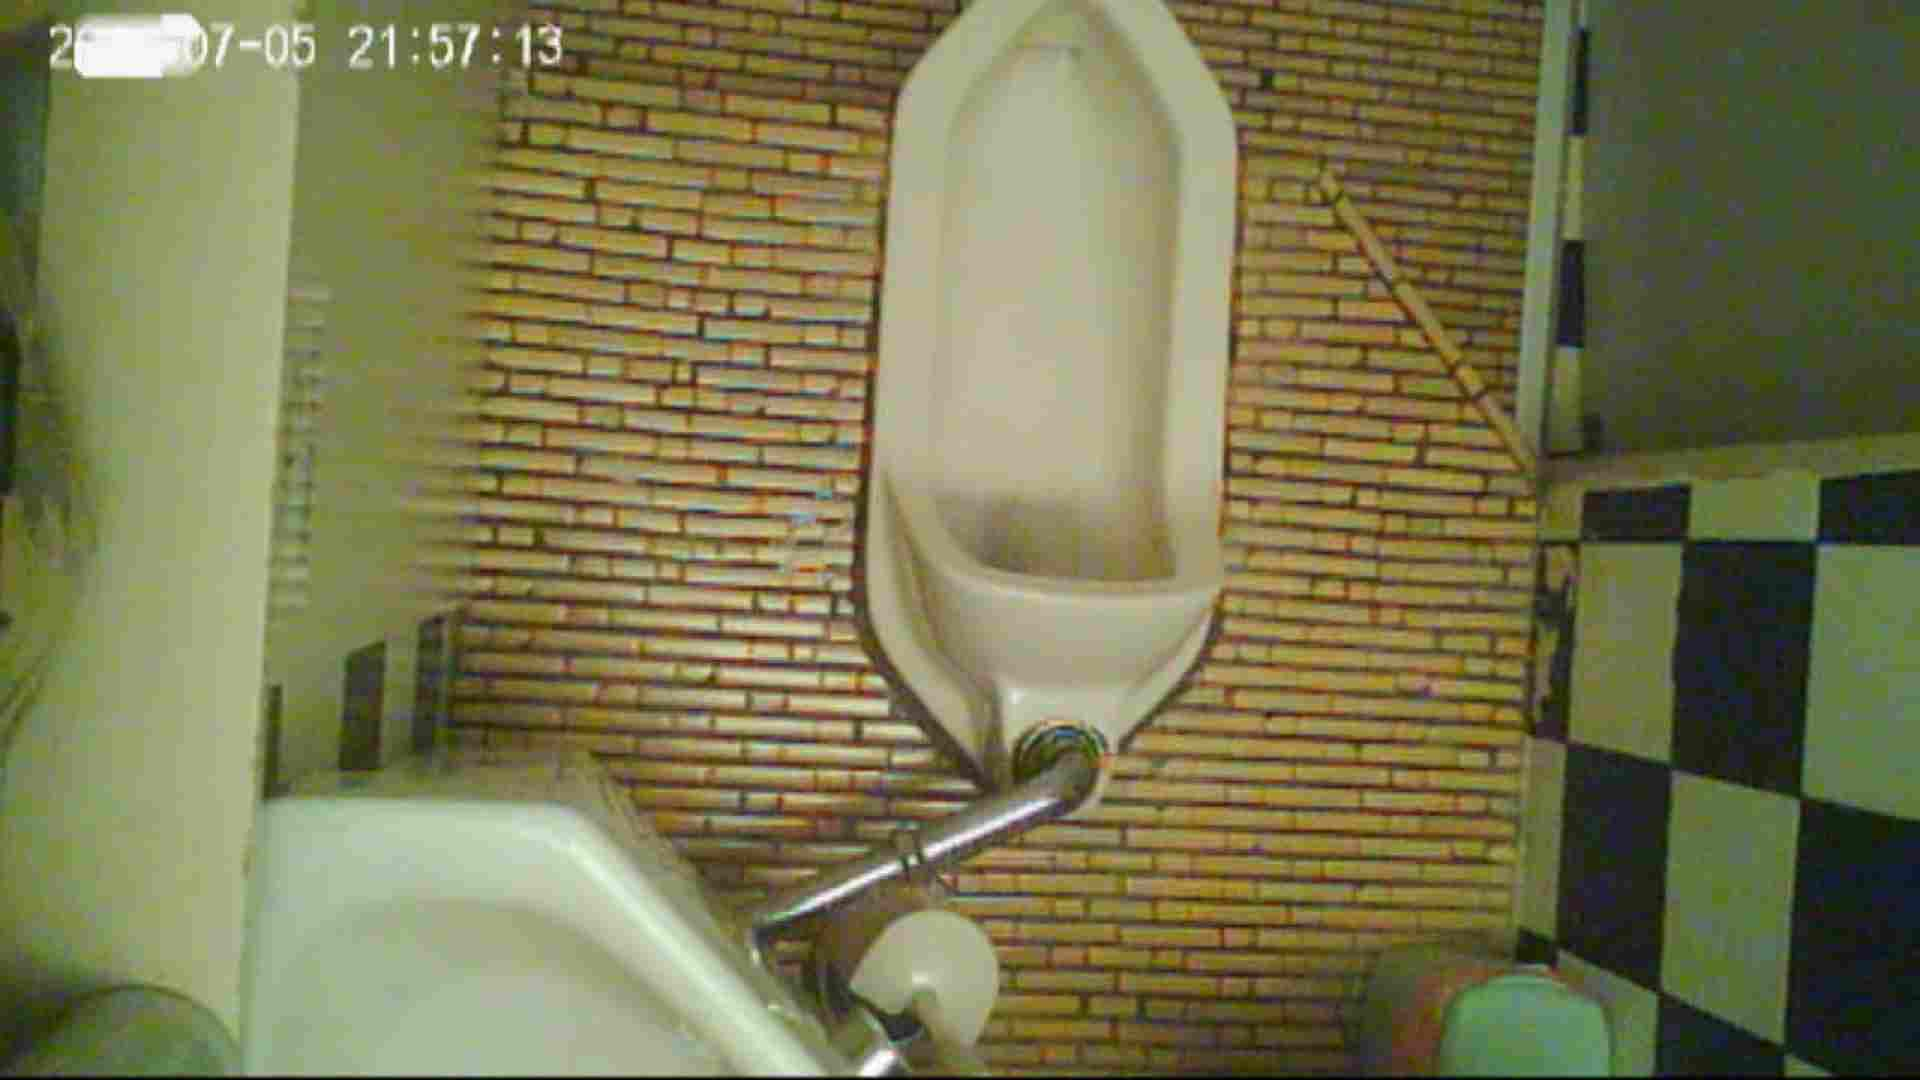 和式トイレの喫茶店店主マロンさんのコレクションvol.1 トイレ突入 | 和式トイレ  103pic 16